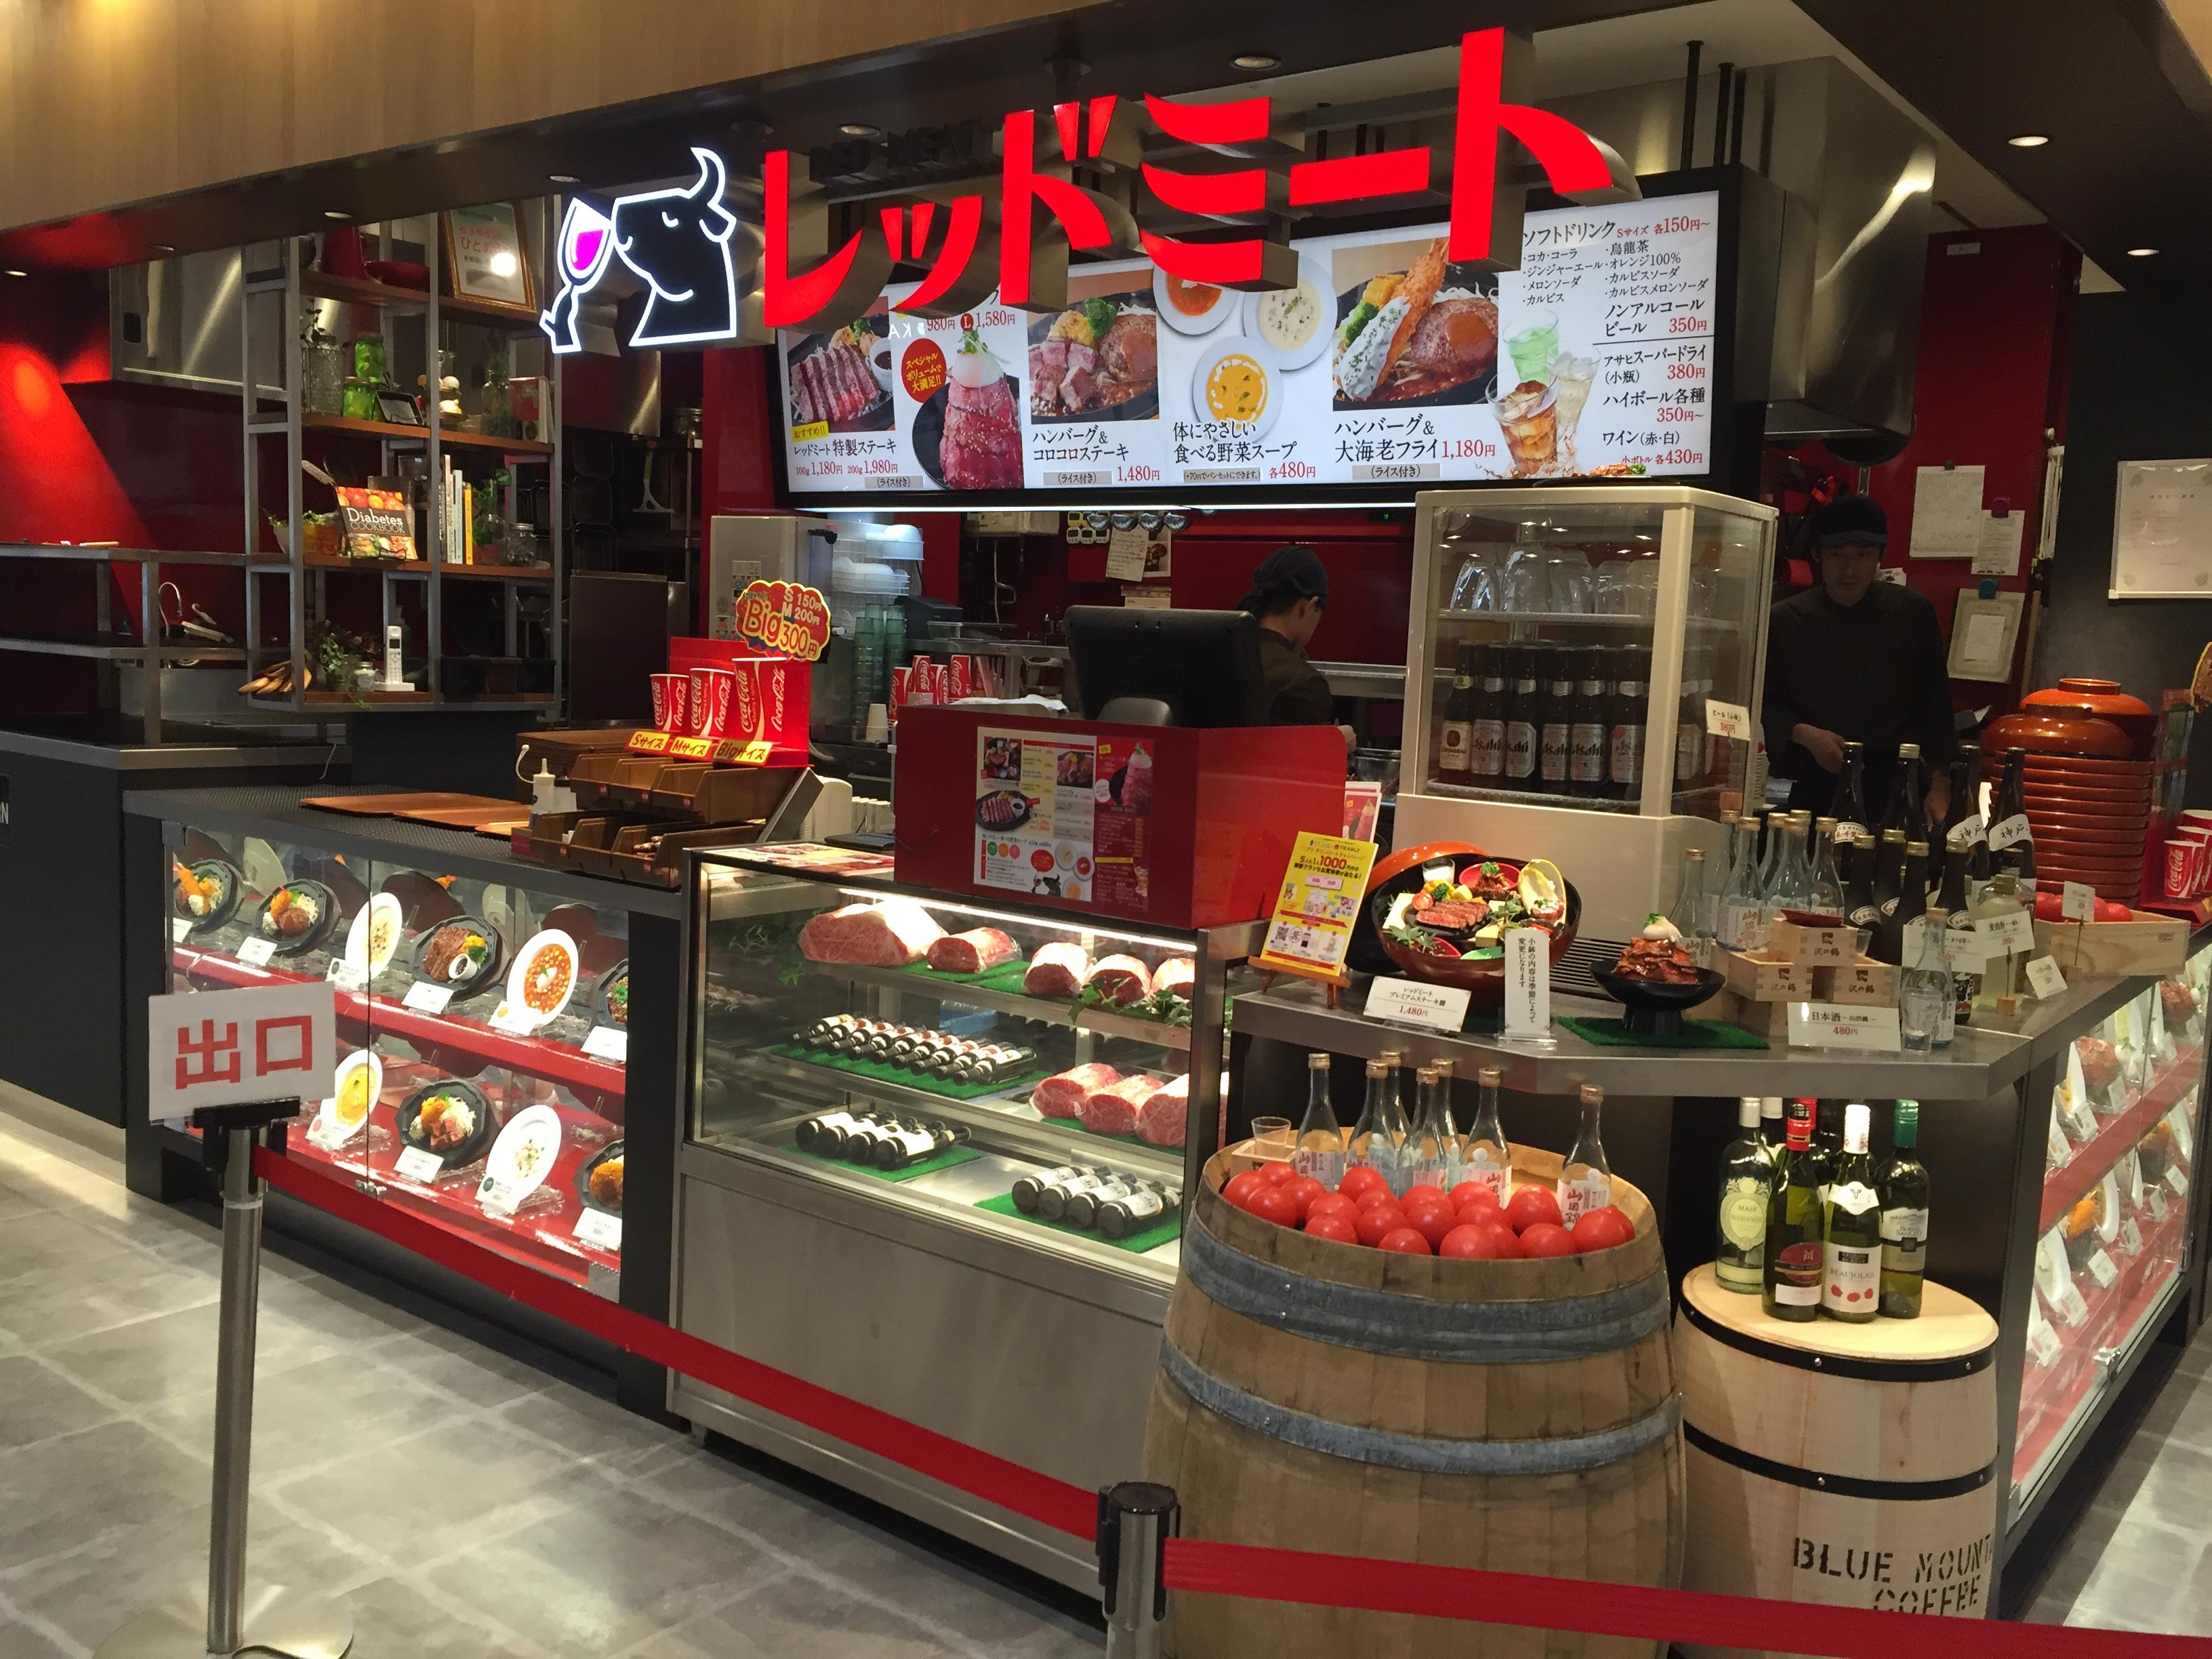 炭火焼肉食堂 レッドミート 神戸・御影クラッセ店で話題のローストビーフ丼を食す!【※食レポあり】